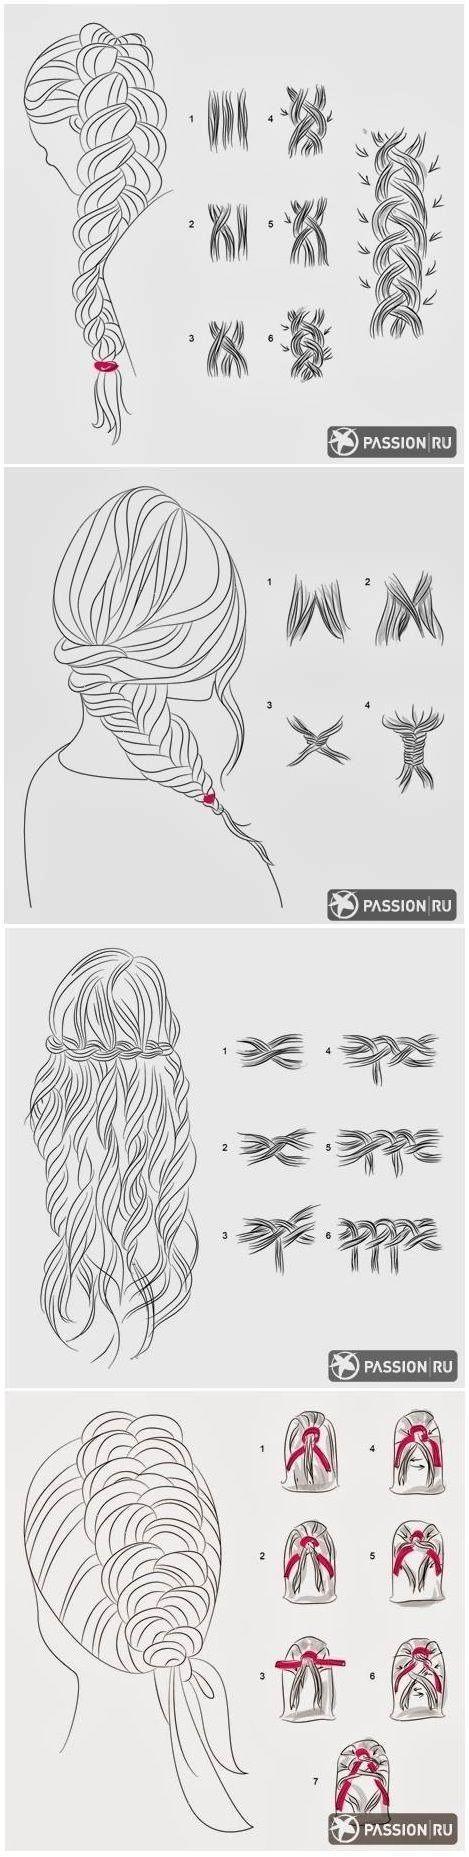 #coiffure - tuto desssin pour réaliser des tresses: